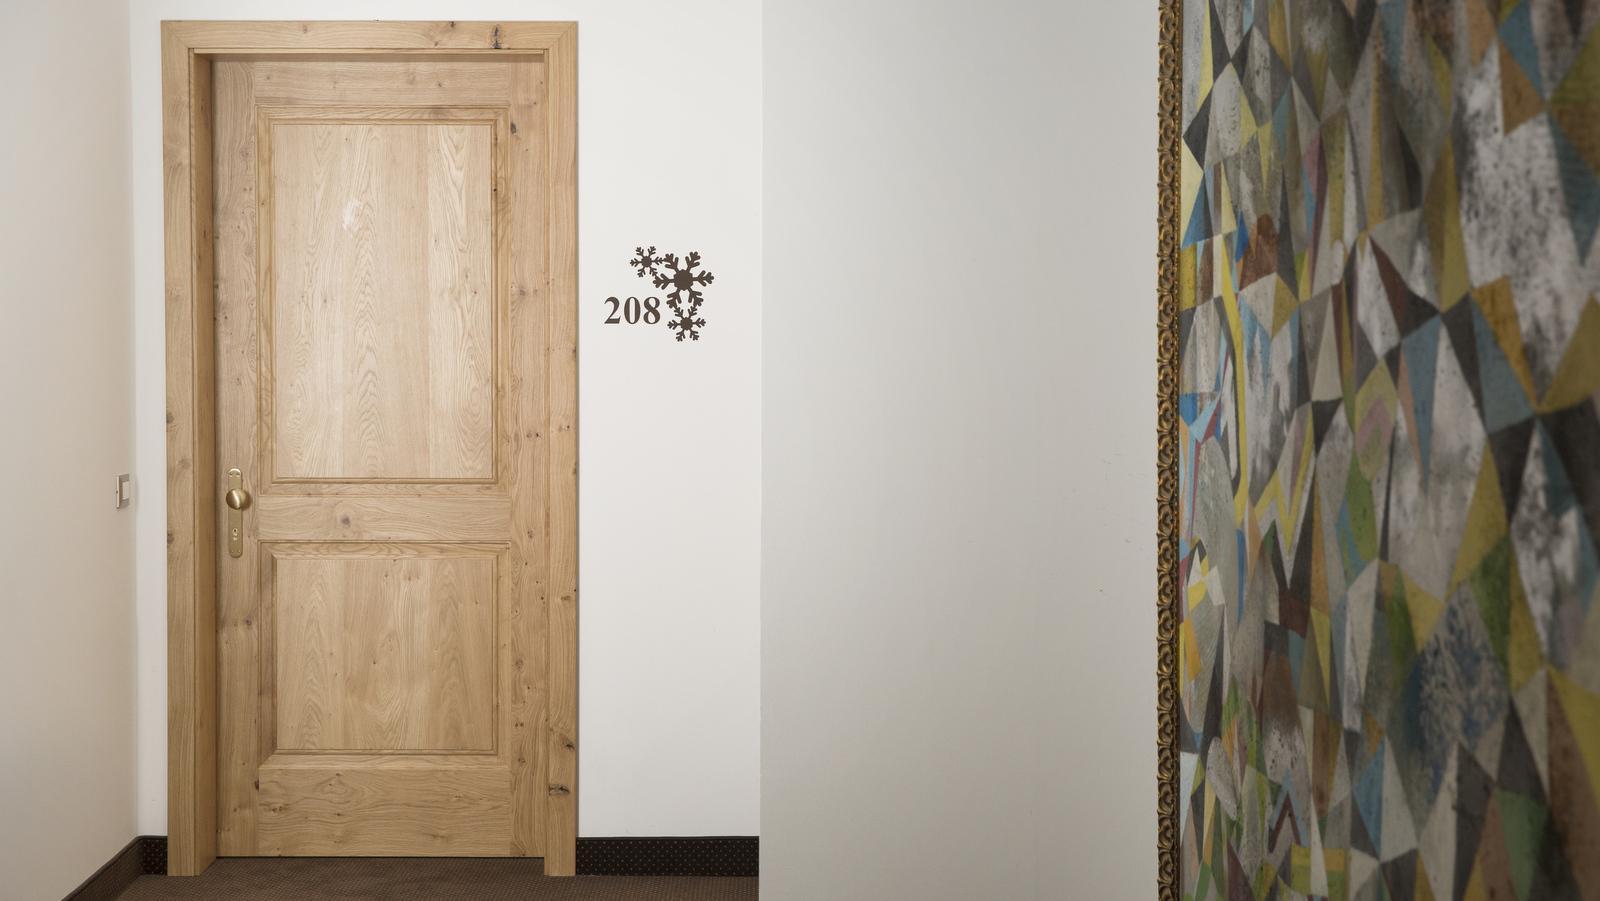 Verniciare porte tamburate beautiful modelli with verniciare porte tamburate fabulous if you - Verniciare una porta in legno ...